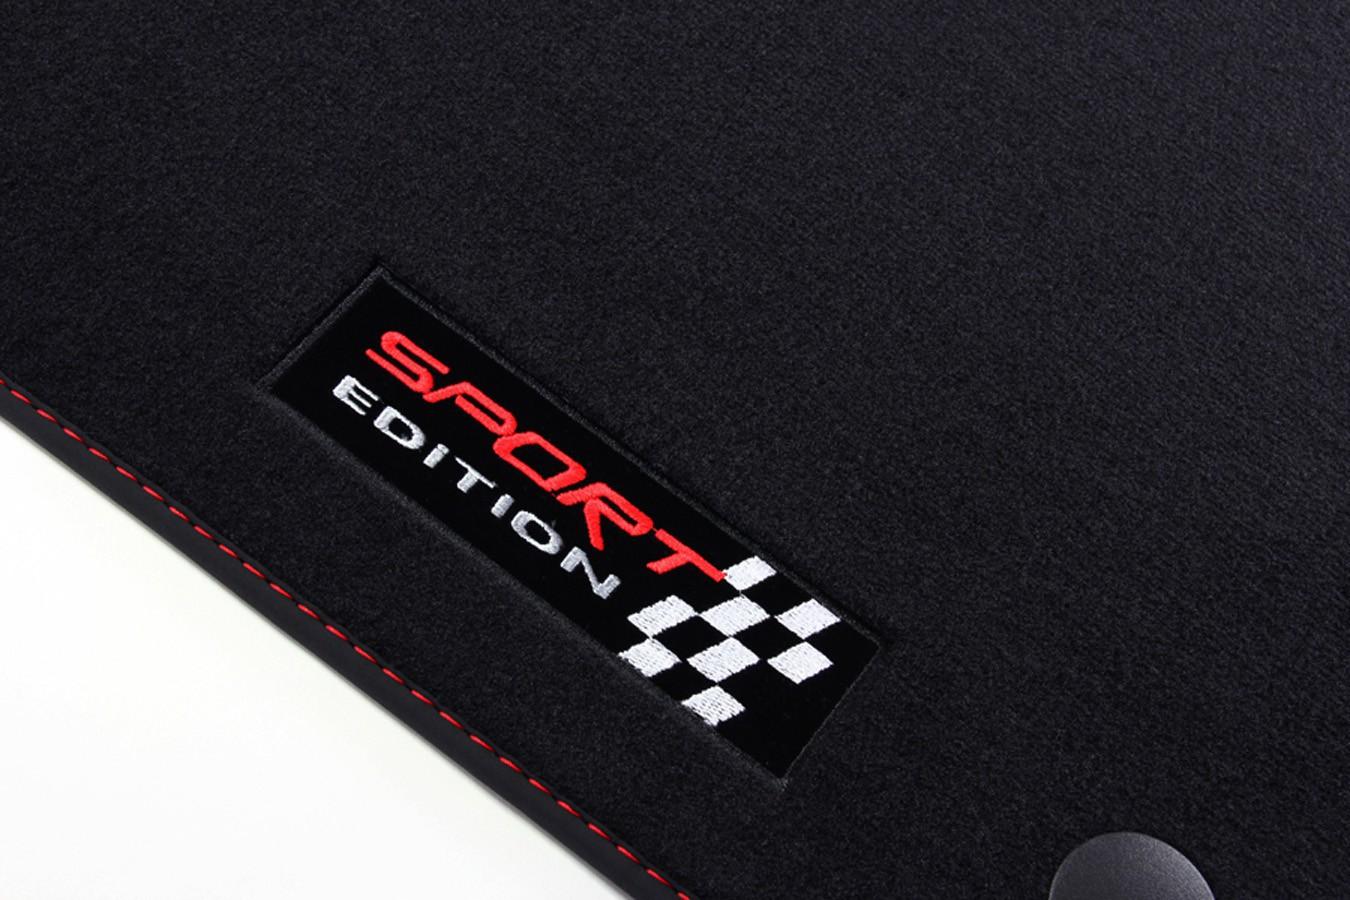 sport tapis de sol pour mercedes gla x156 ann e 2013 tapis de voiture pour mercedes. Black Bedroom Furniture Sets. Home Design Ideas